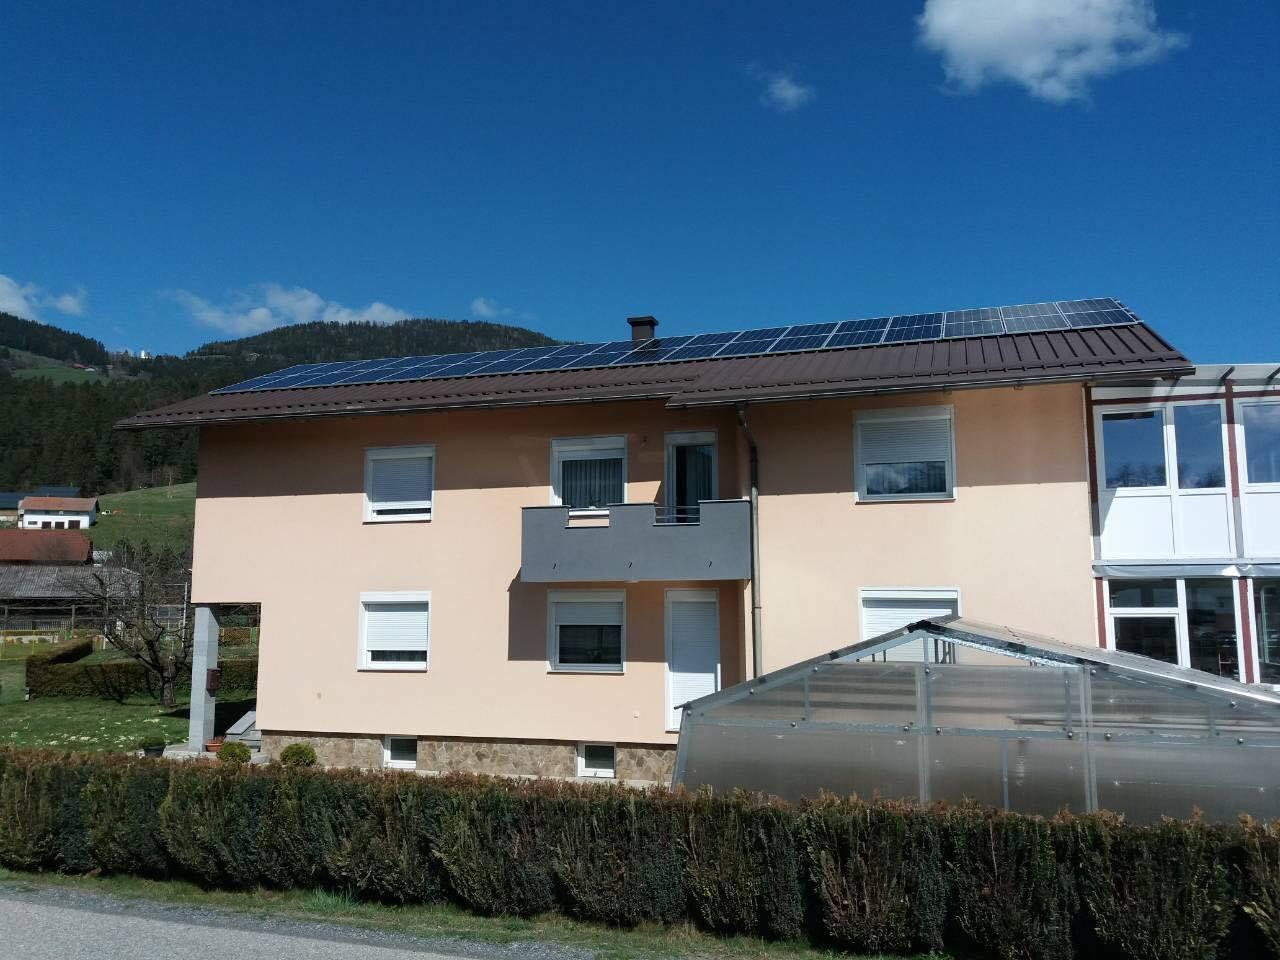 investicija-v-sončno-elektrarno